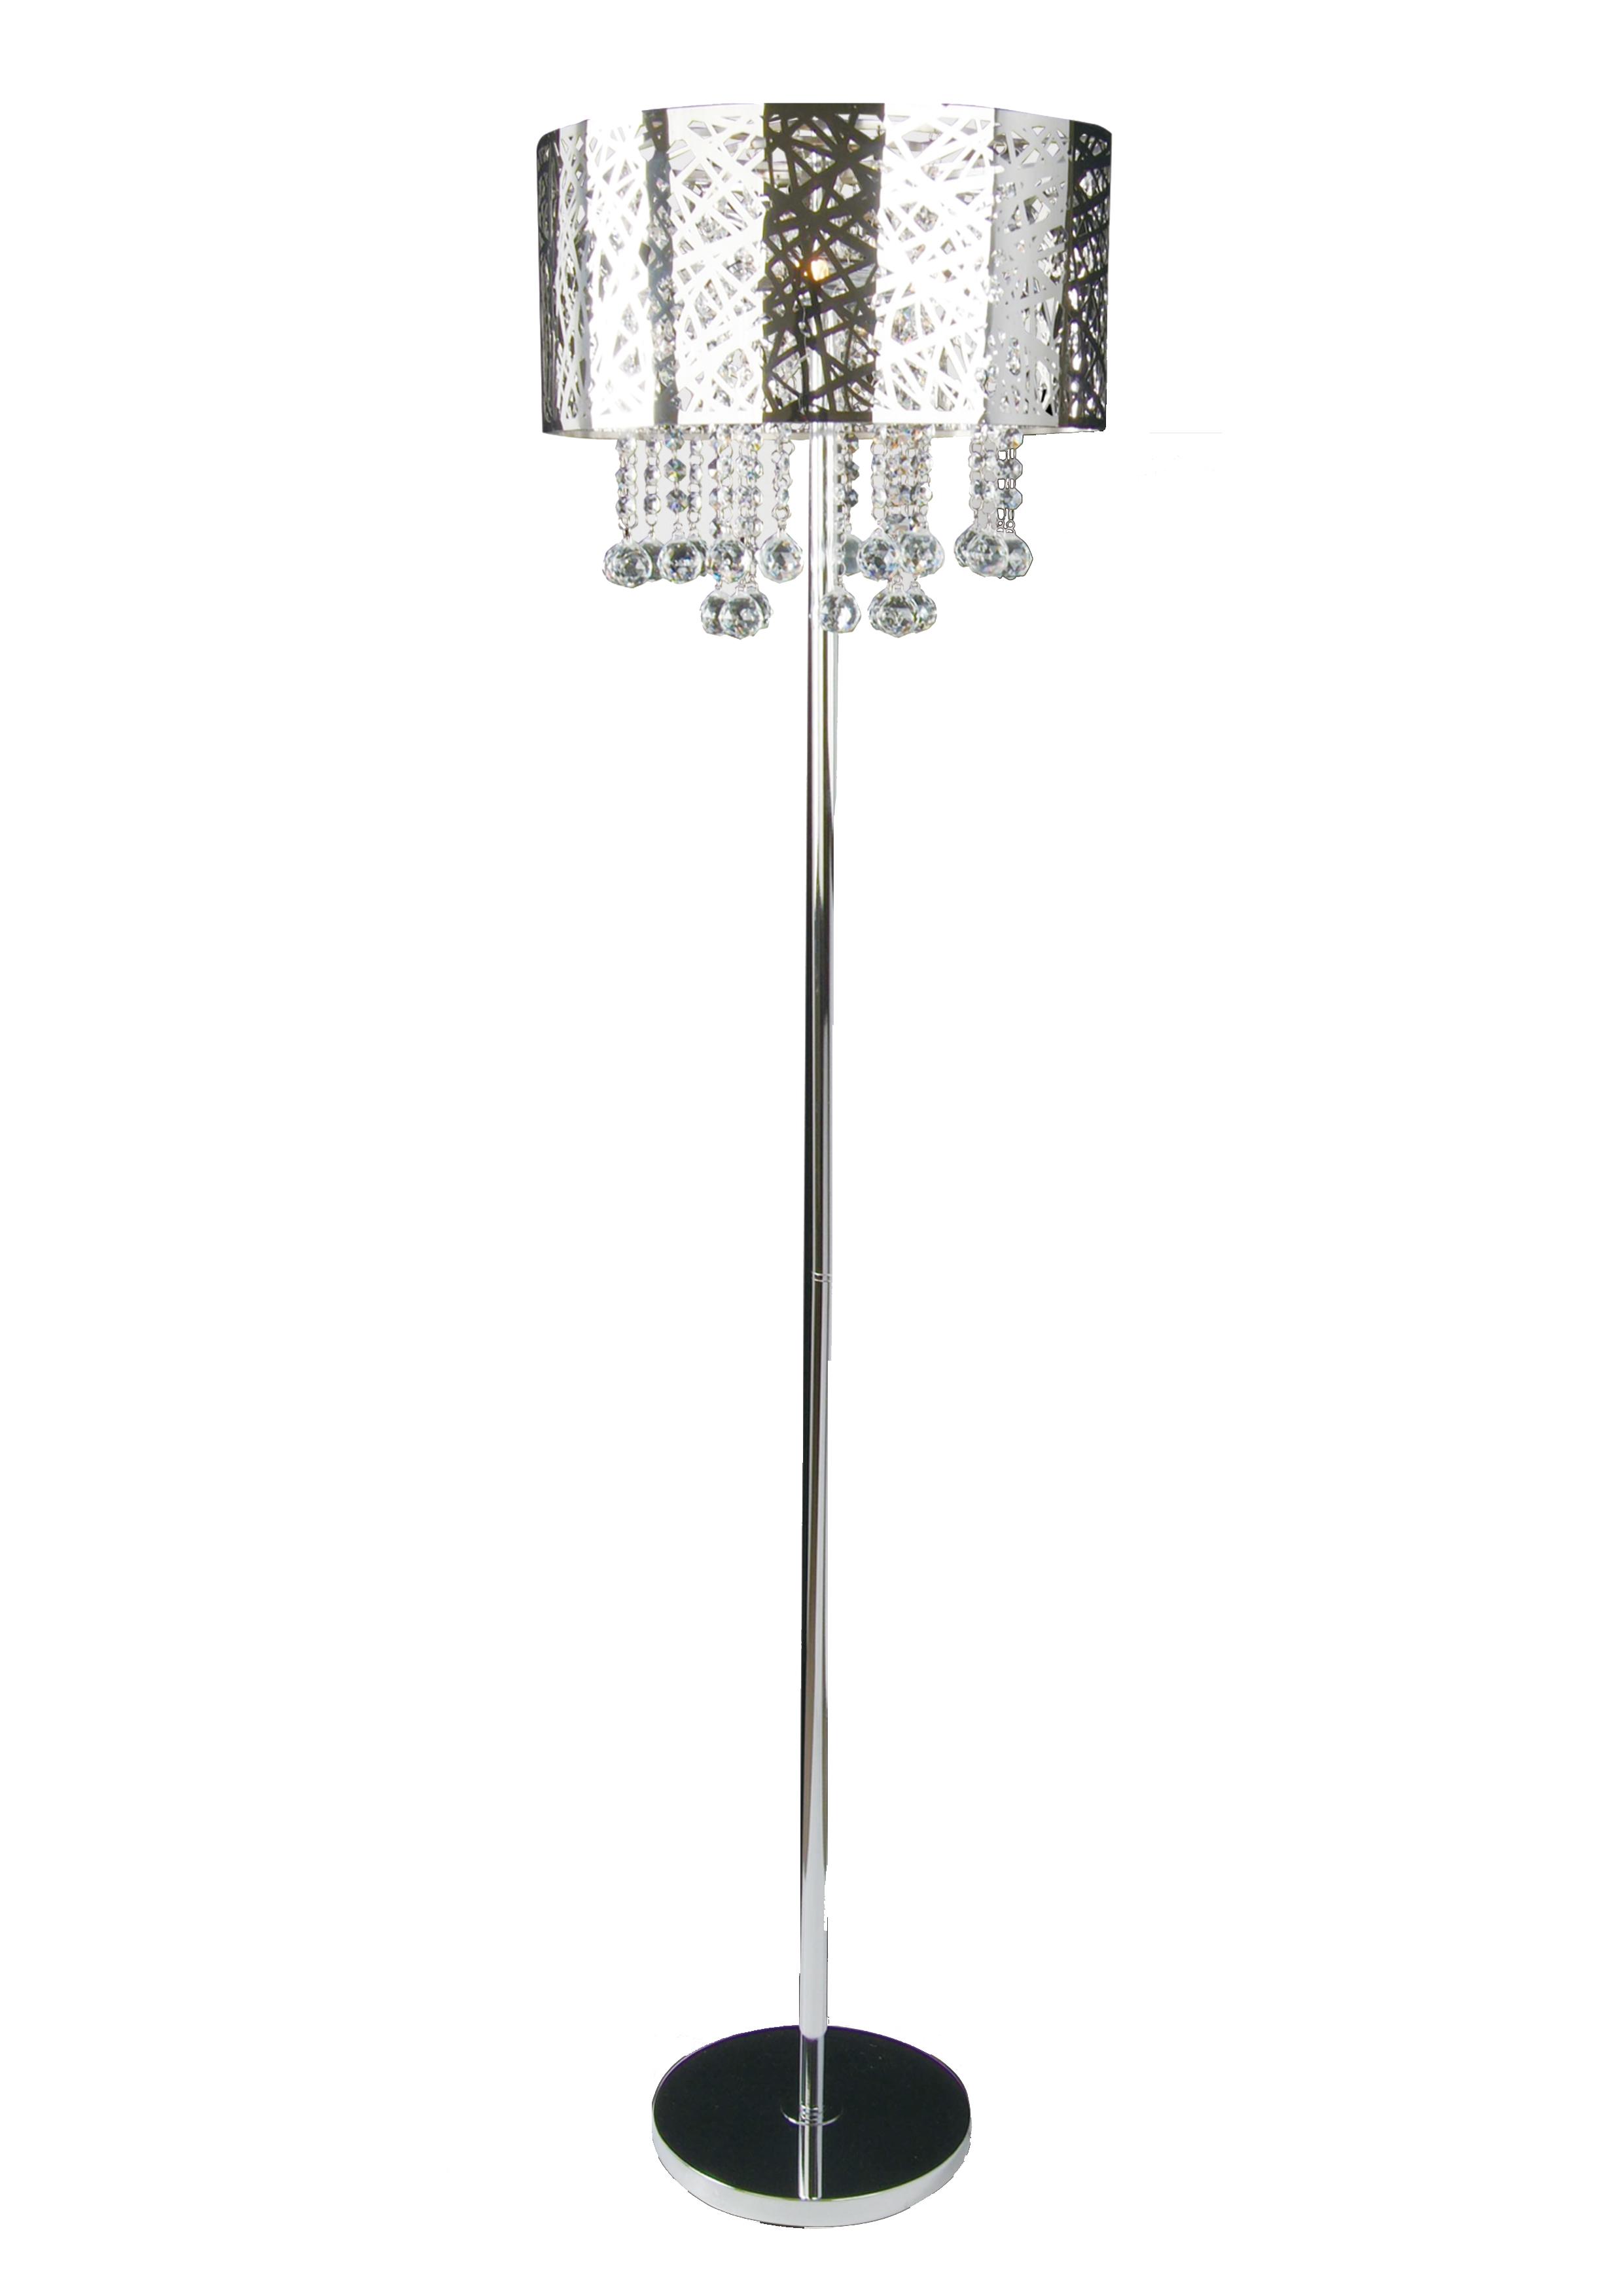 Bethel 3 Light Chrome Shade Clear Crystal Floor Lamp Ol04